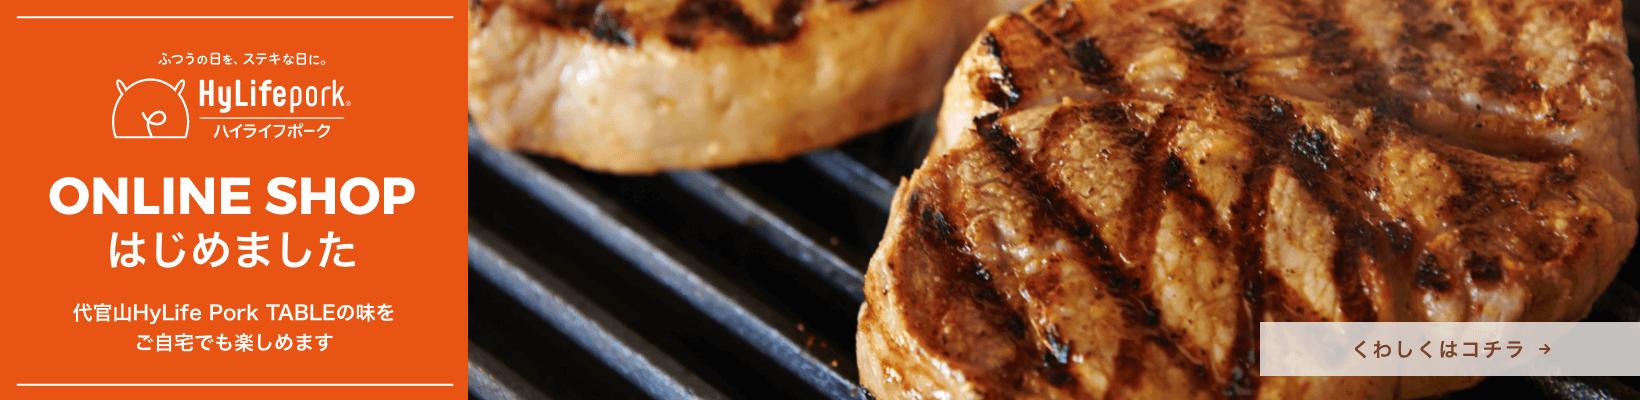 HyLife pork ONLINE SHOPはじめました。代官山HyLife pork TABLEの味をご自宅でも楽しめます